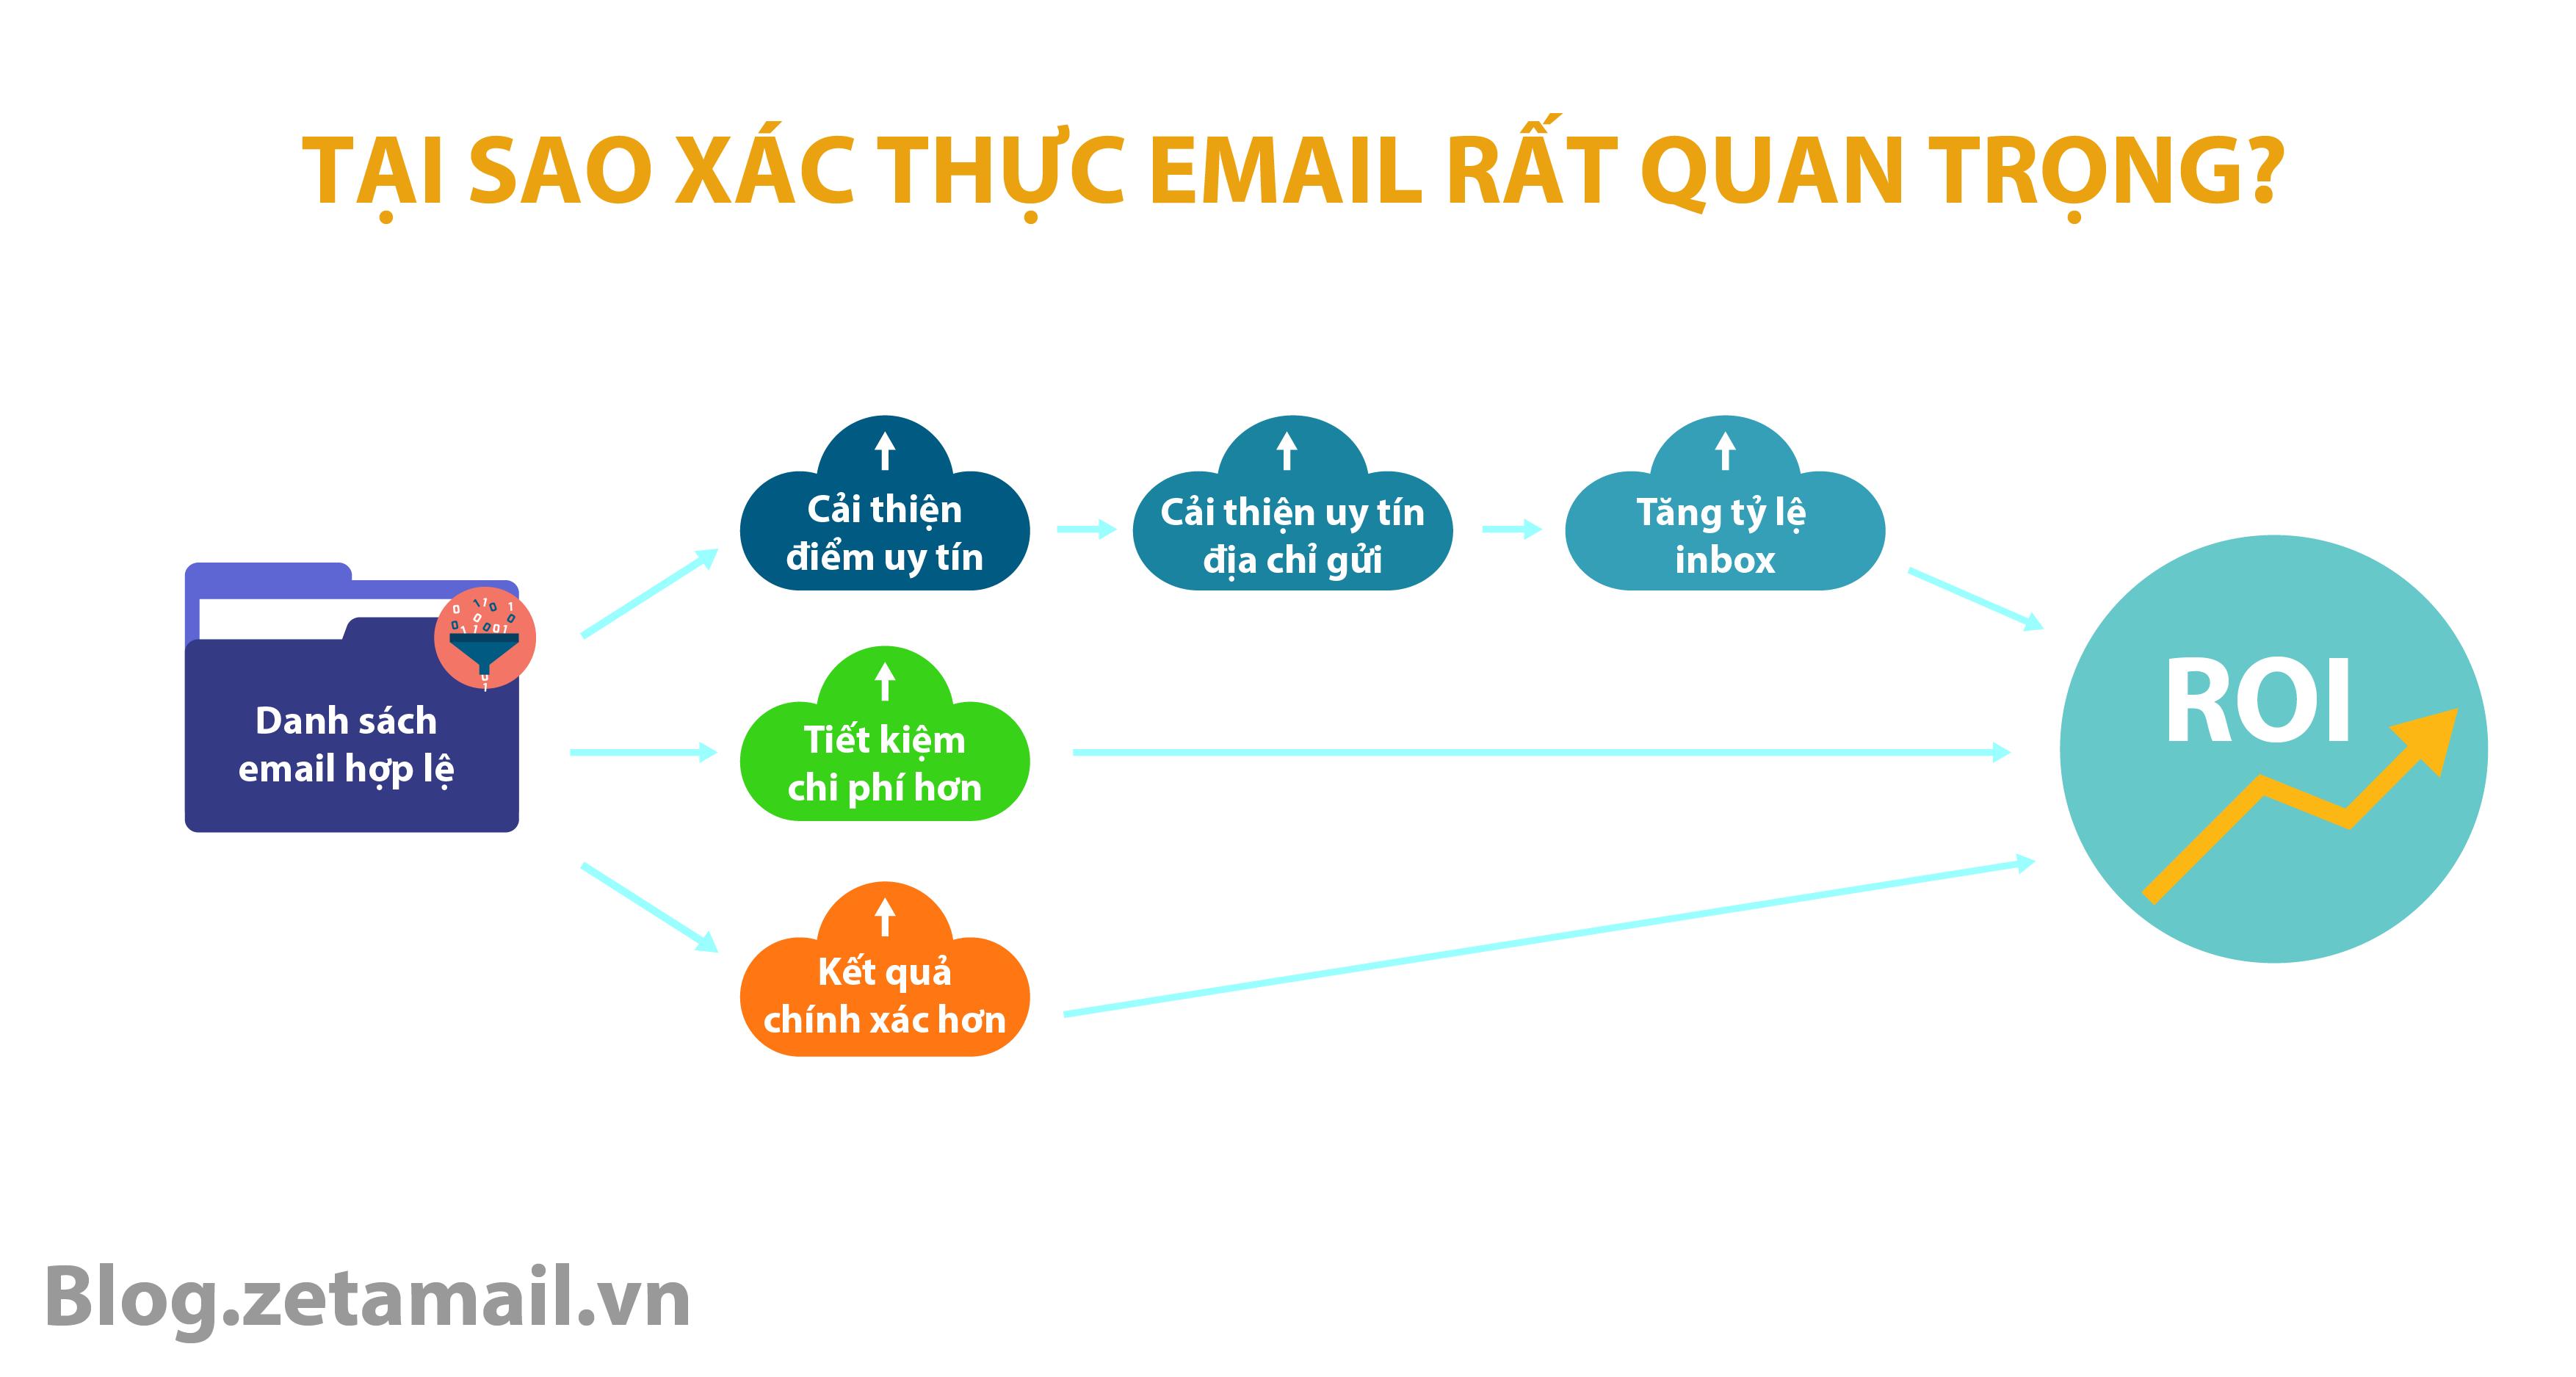 Tại sao xác thực email rất quan trọng